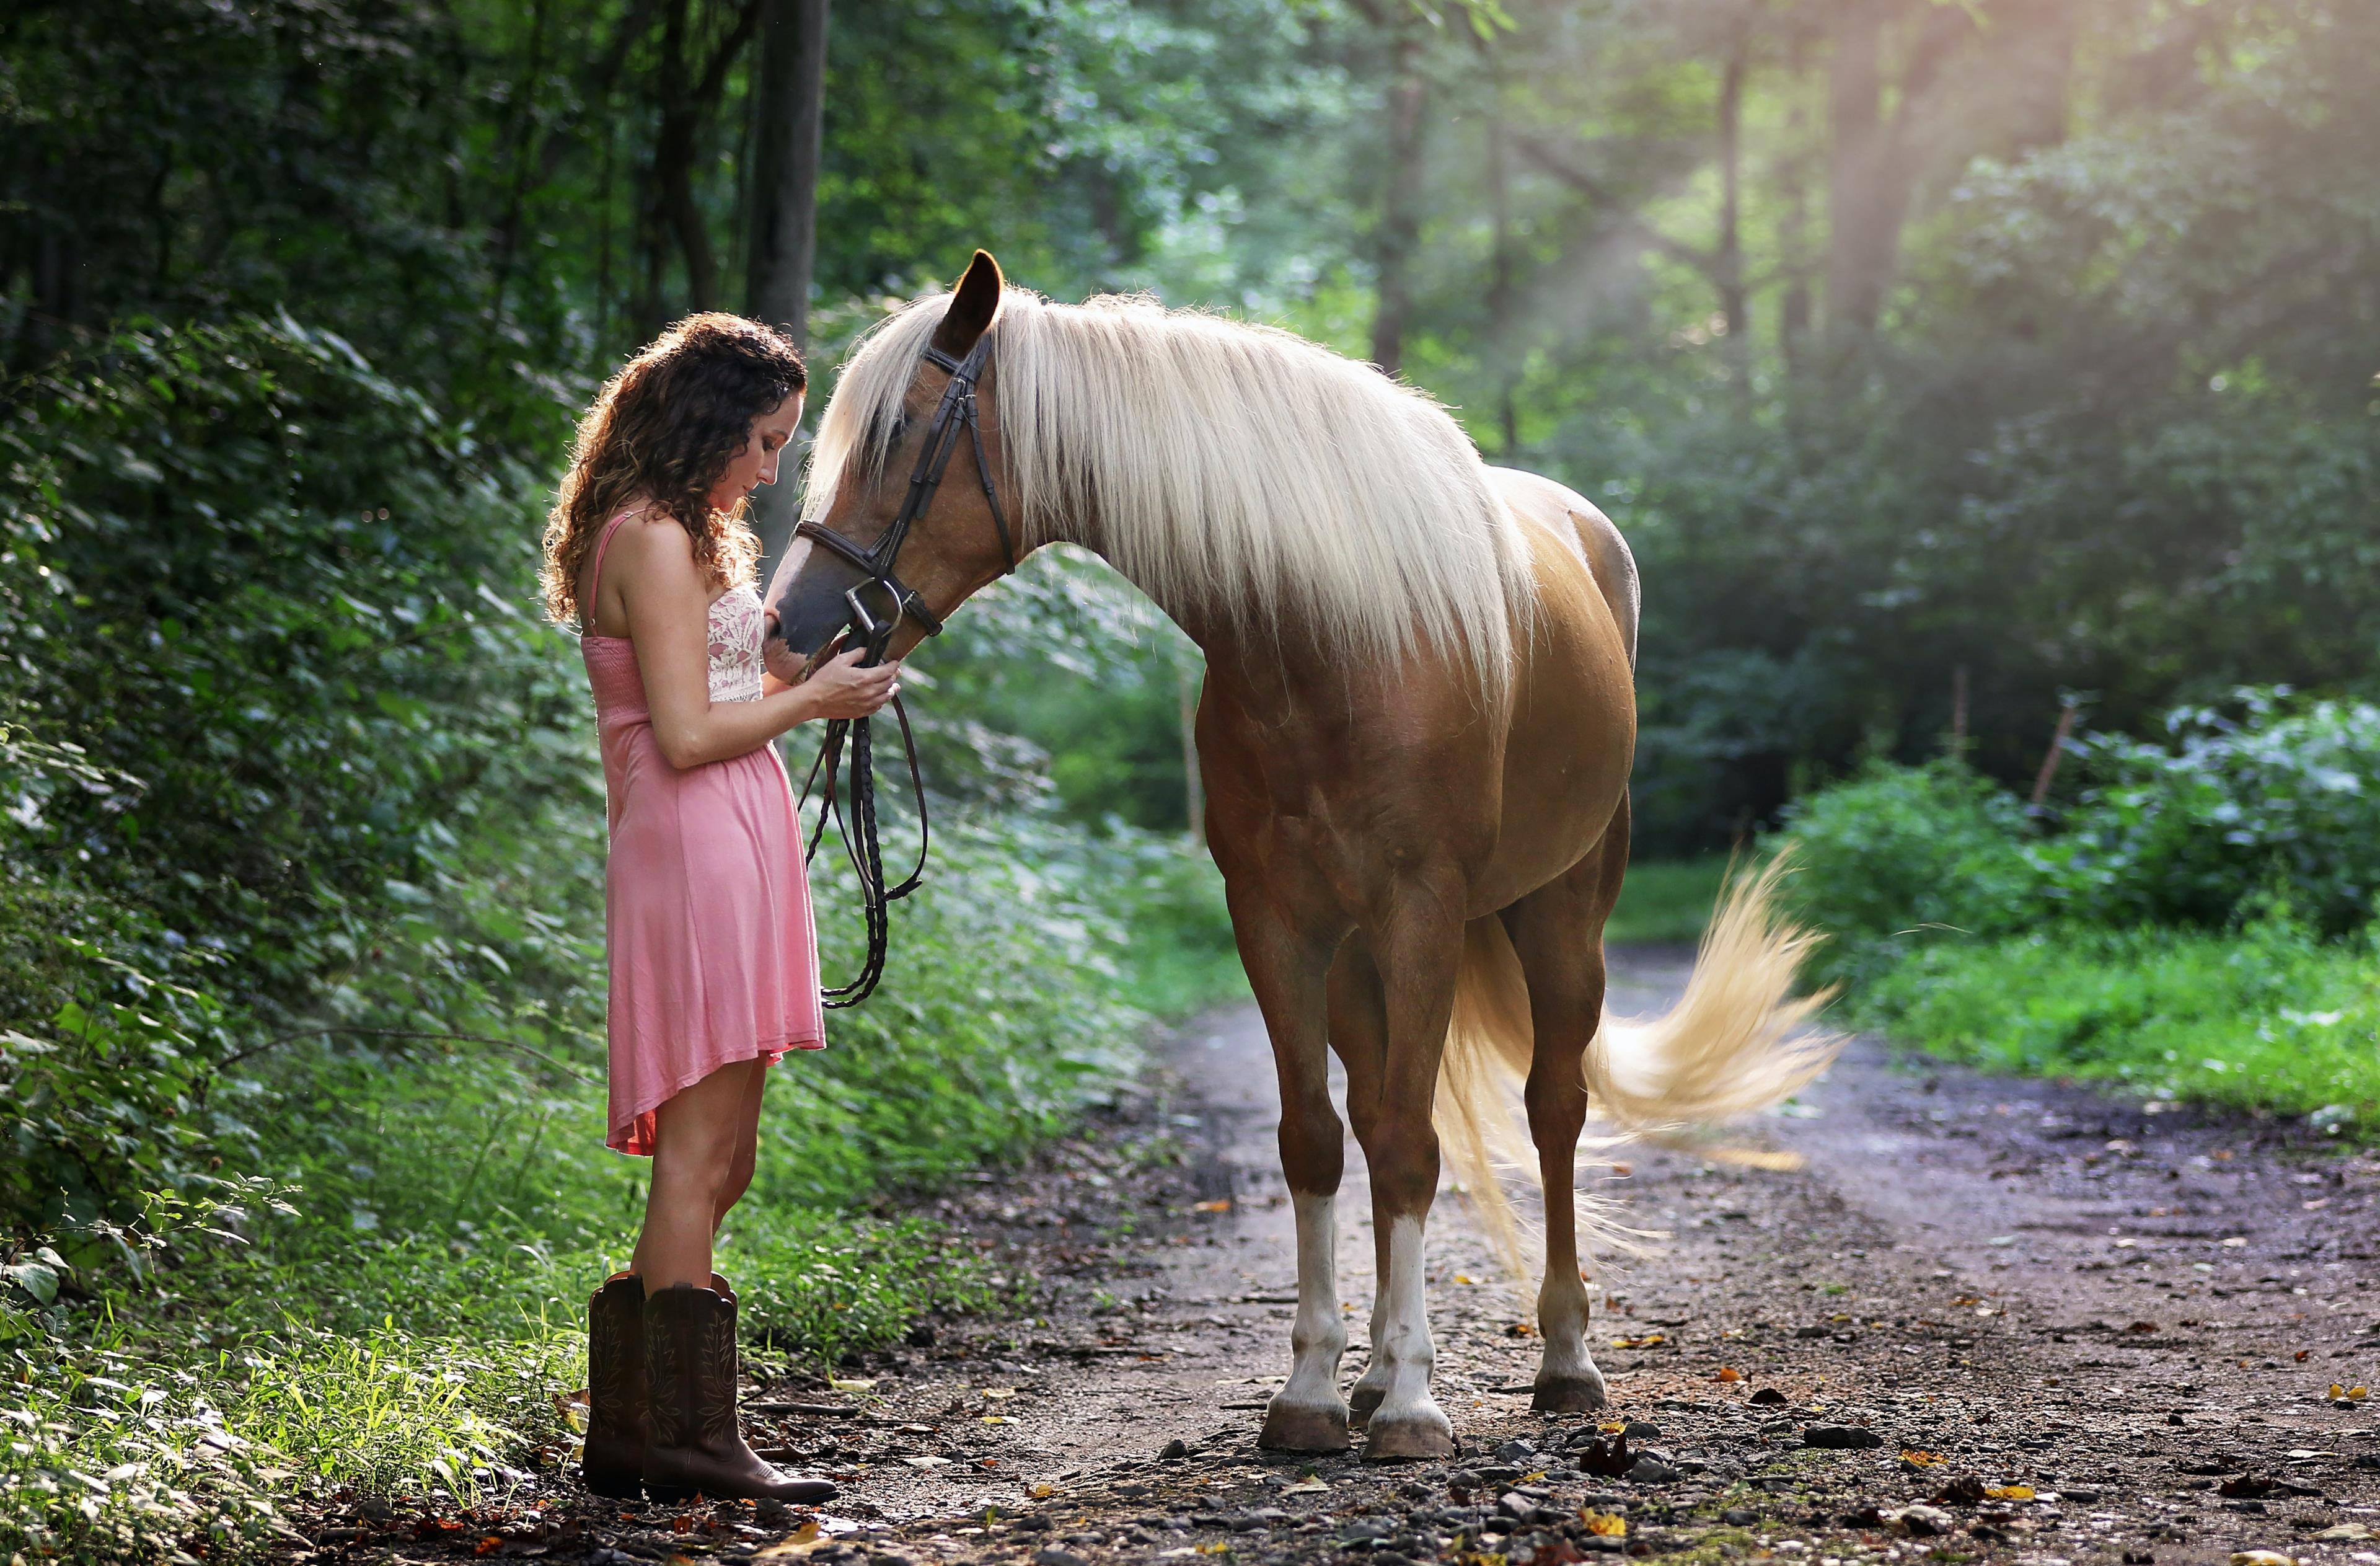 Copertina frasi sui cavalli